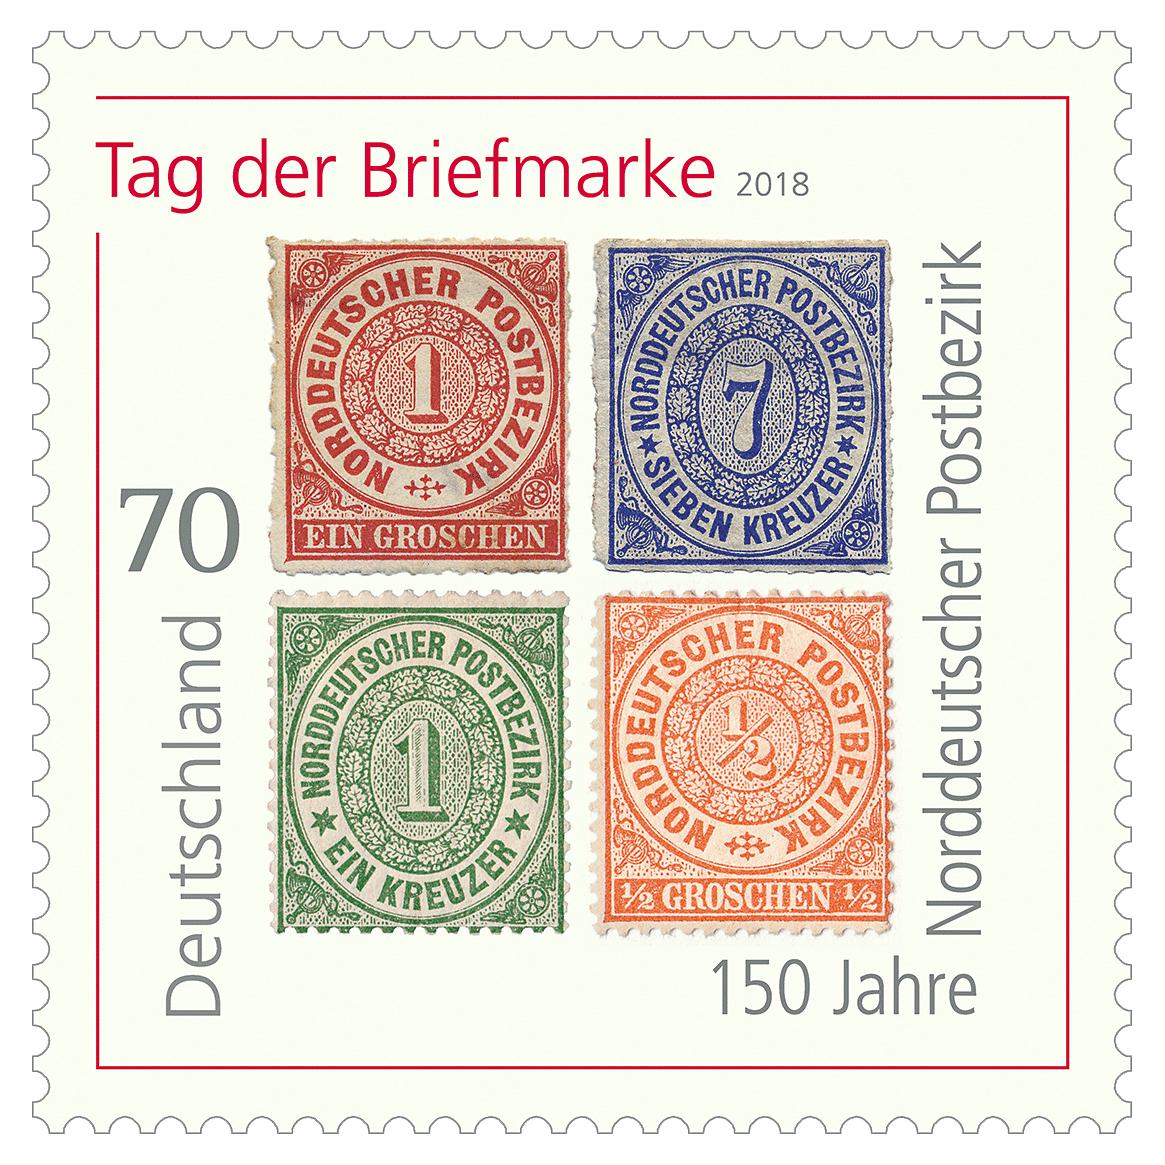 Aktuelle Briefmarken 2018 Sonderpostwertzeichen Bei Richard Borek